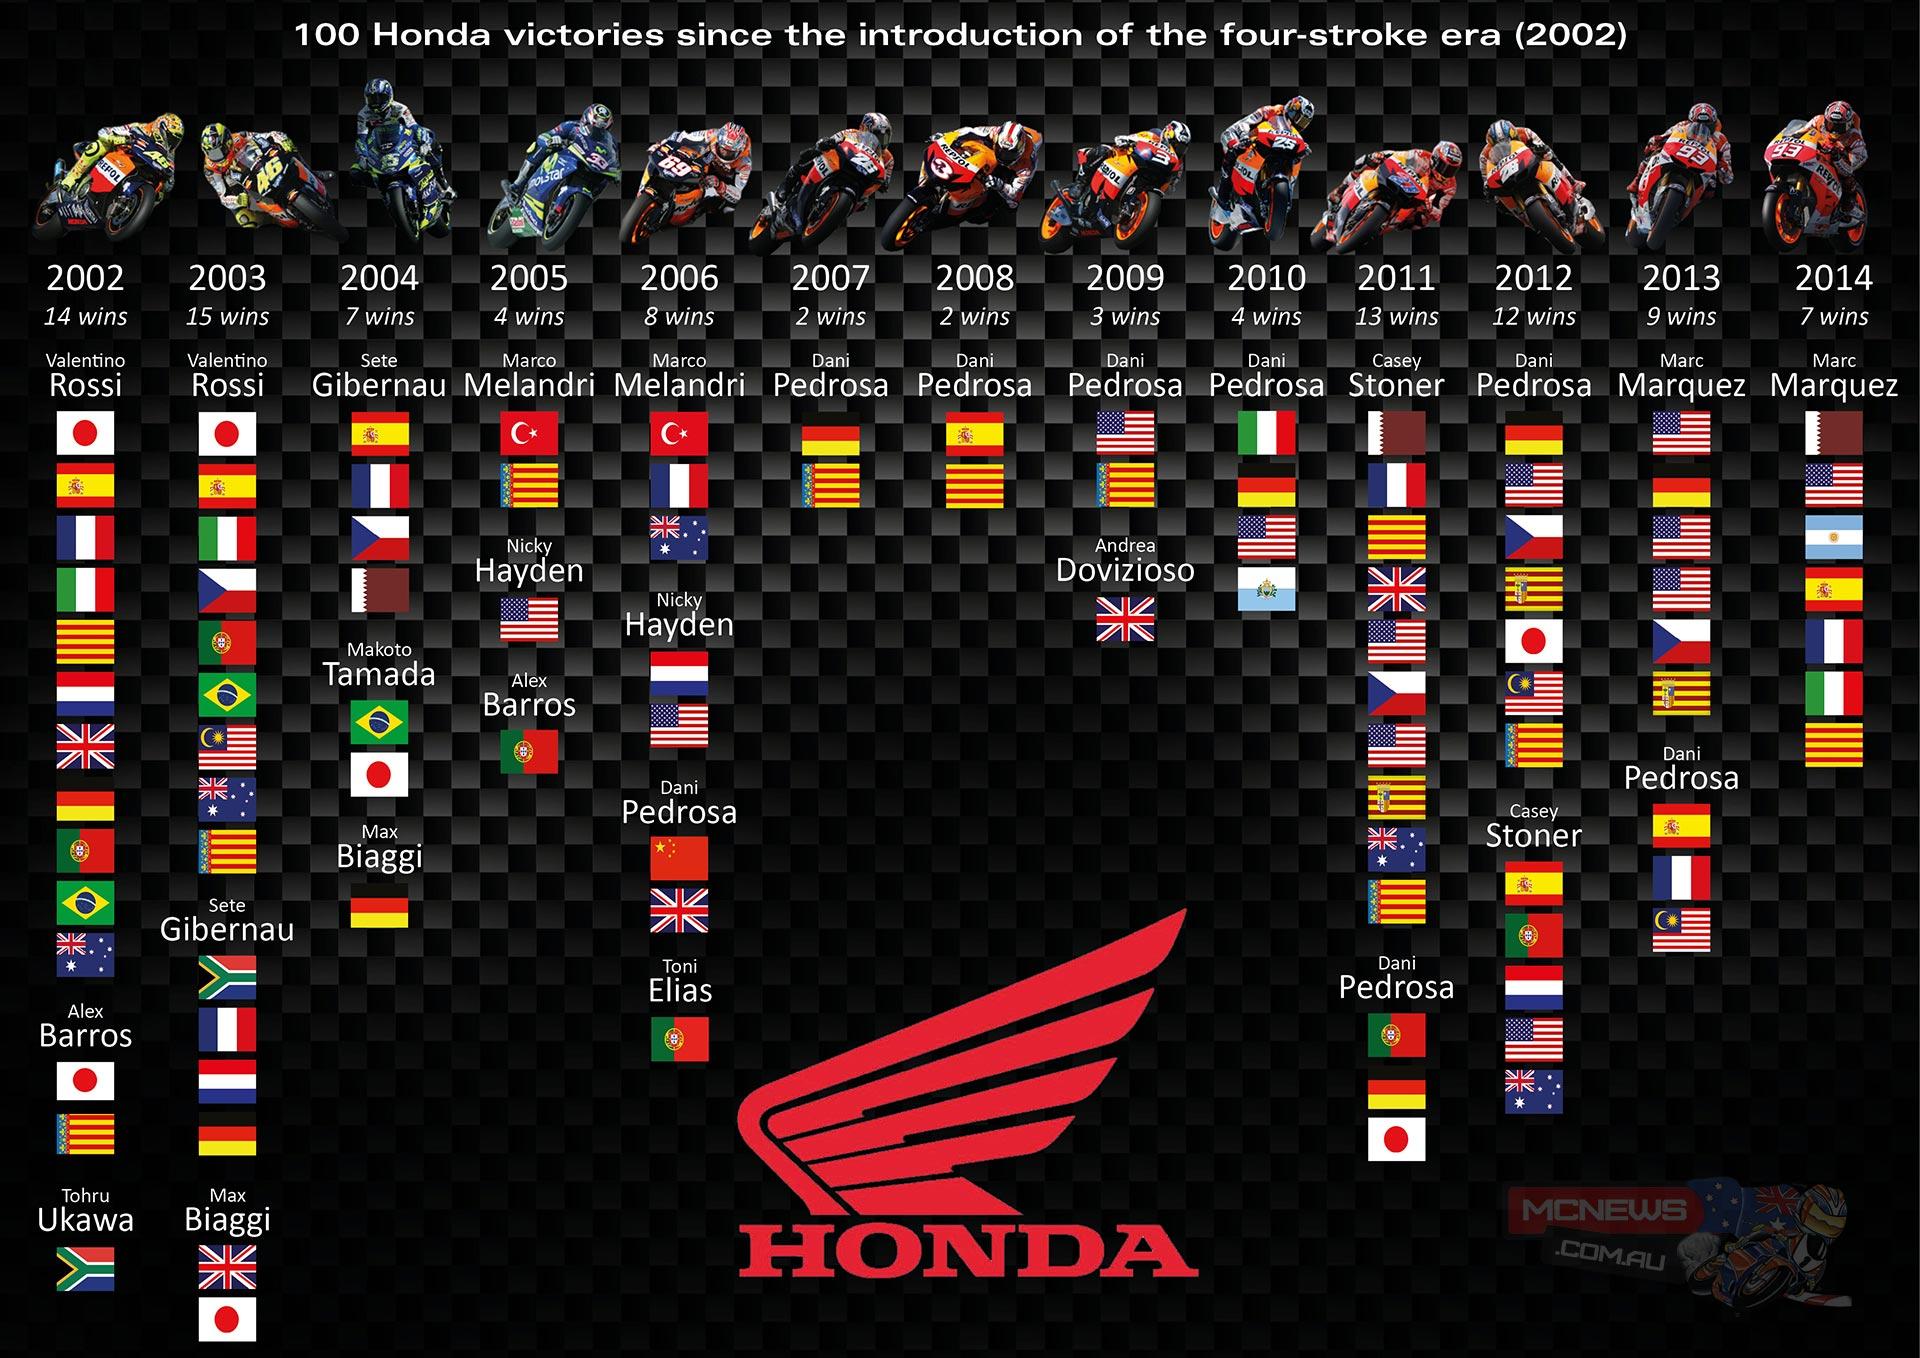 Honda celebrate 100 wins in MotoGP class